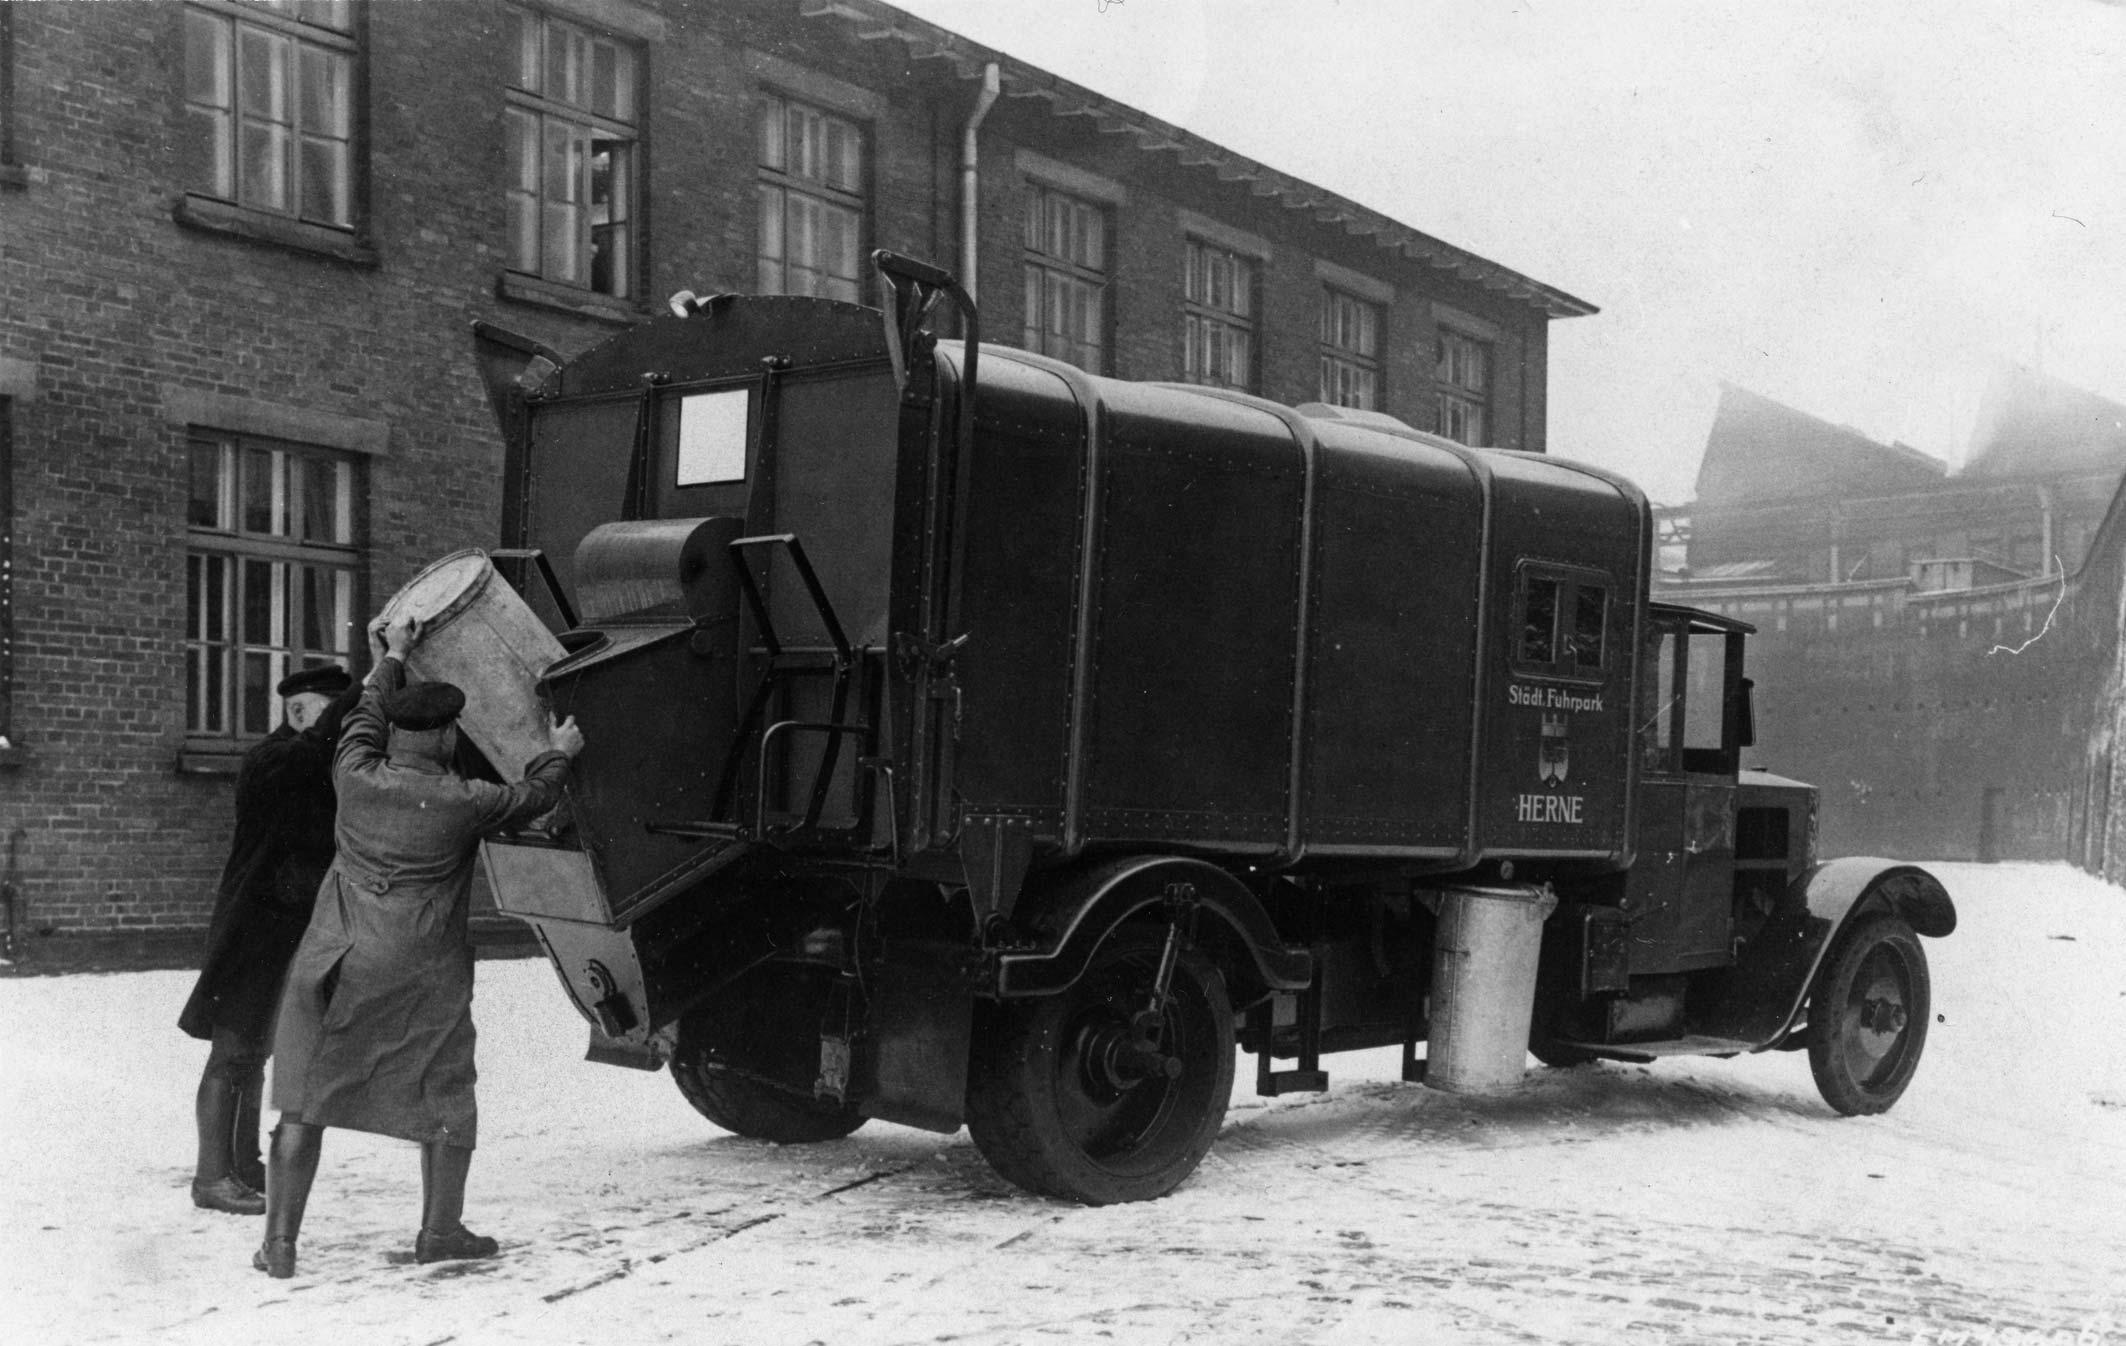 1929 | Herne